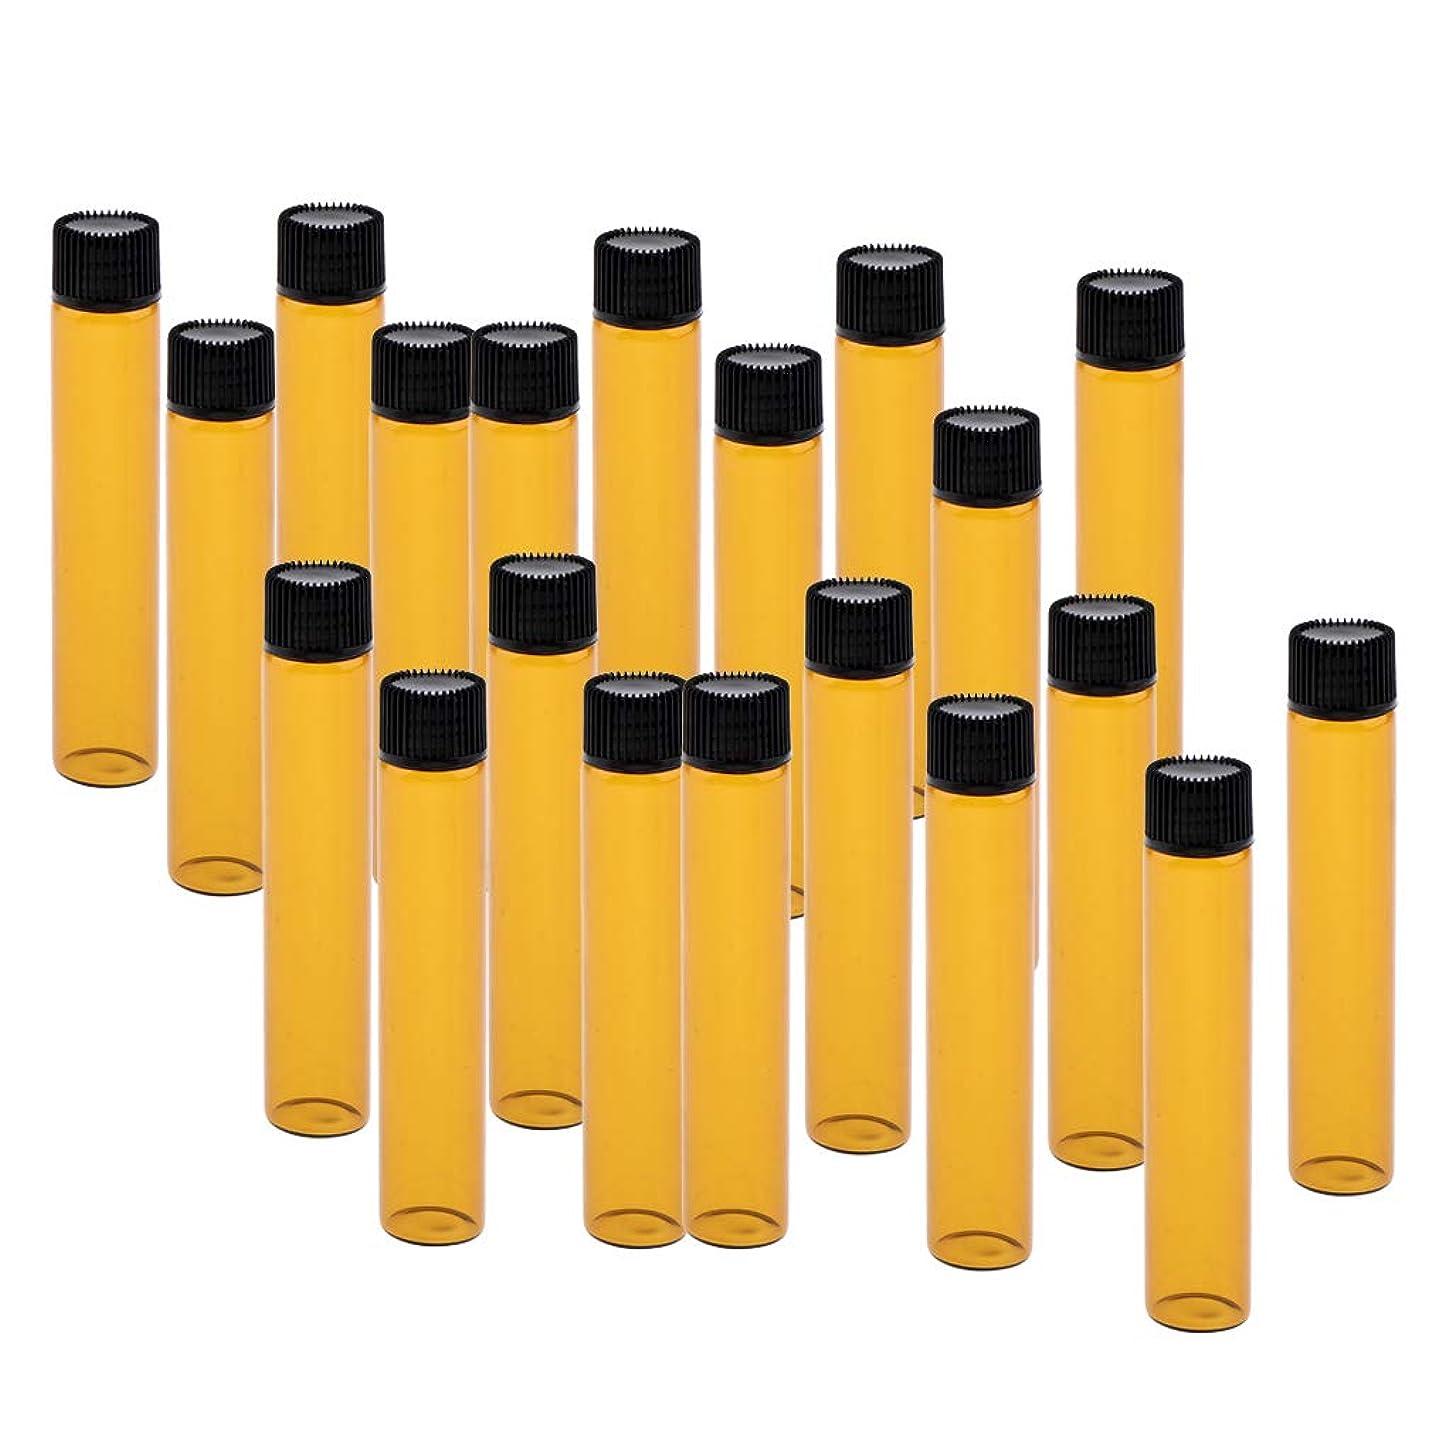 郡感じるファームPerfeclan 20個 詰替え容器 香水ボトル ガラスボトル 小分け容器 小分けボトル 全4色 - ブラック